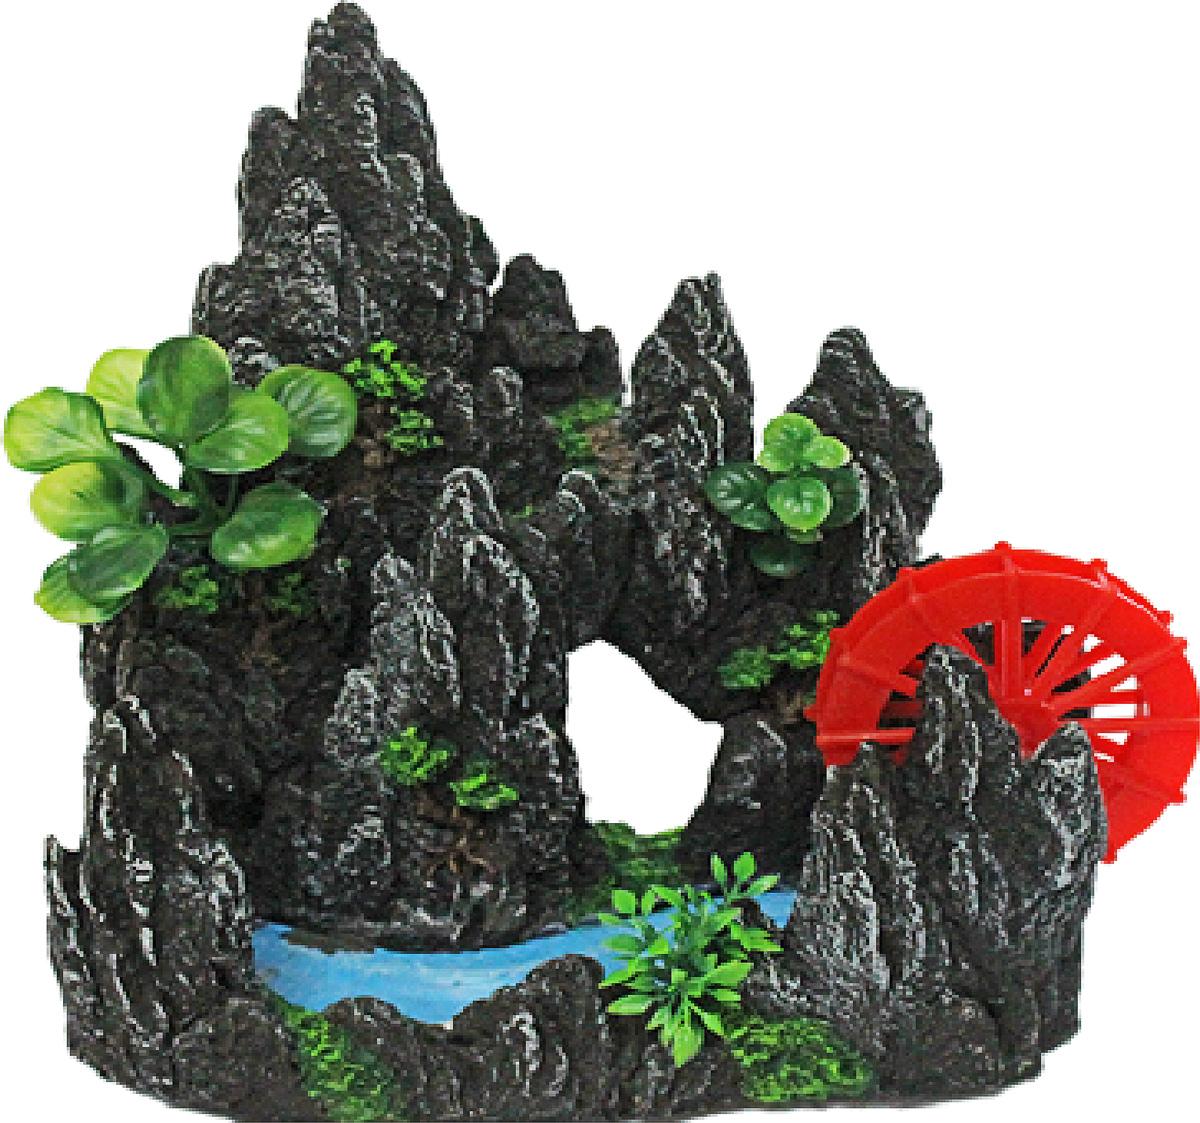 Грот Meijing Aquarium Водяная мельница в скалах с ручьем, с распылителем воздуха. YM-08107YM-08107Грот Meijing Aquarium - это отличный элемент дизайна. Декор не только украсит ваш аквариум,но и послужит прекрасным укрытием для рыб. Ведь, как известно, в аквариуме без укрытий рыбкипостоянно испытывают стресс.Декор Meijing Aquarium выполнен из высококачественного нетоксичного пластика и абсолютнобезвреден для аквариумных обитателей. Приобретая гроты с распылителем воздуха, вы не только украшаете свой аквариуминтересным декором, но также эти гроты насыщают воду необходимым кислородом. Такие гротынезаменимы особенно для детских аквариумов.